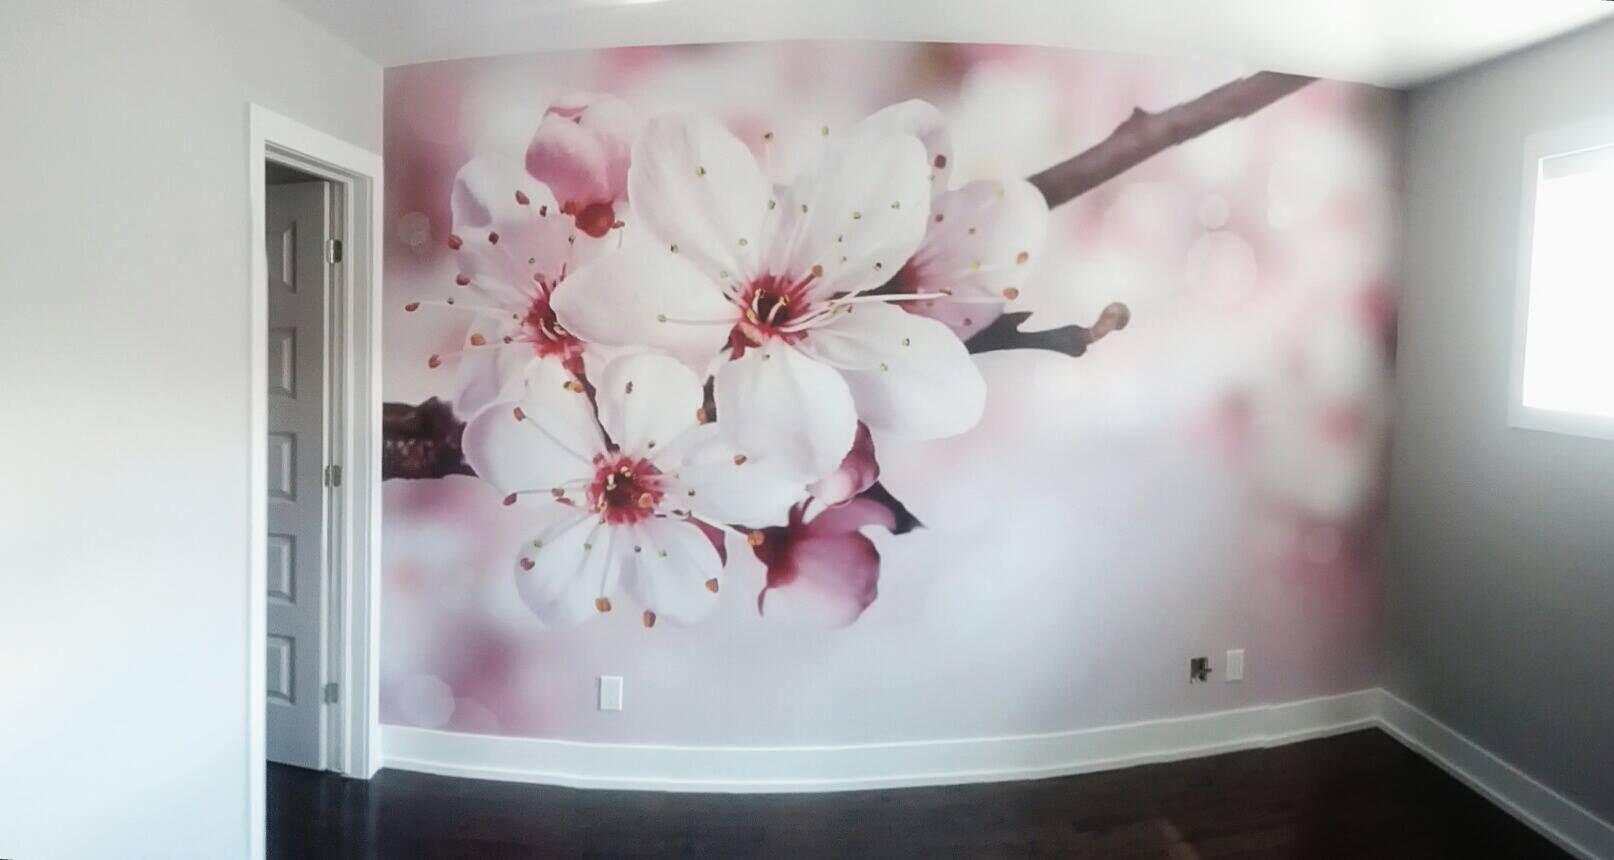 panneaux-mural-design-impression (5)